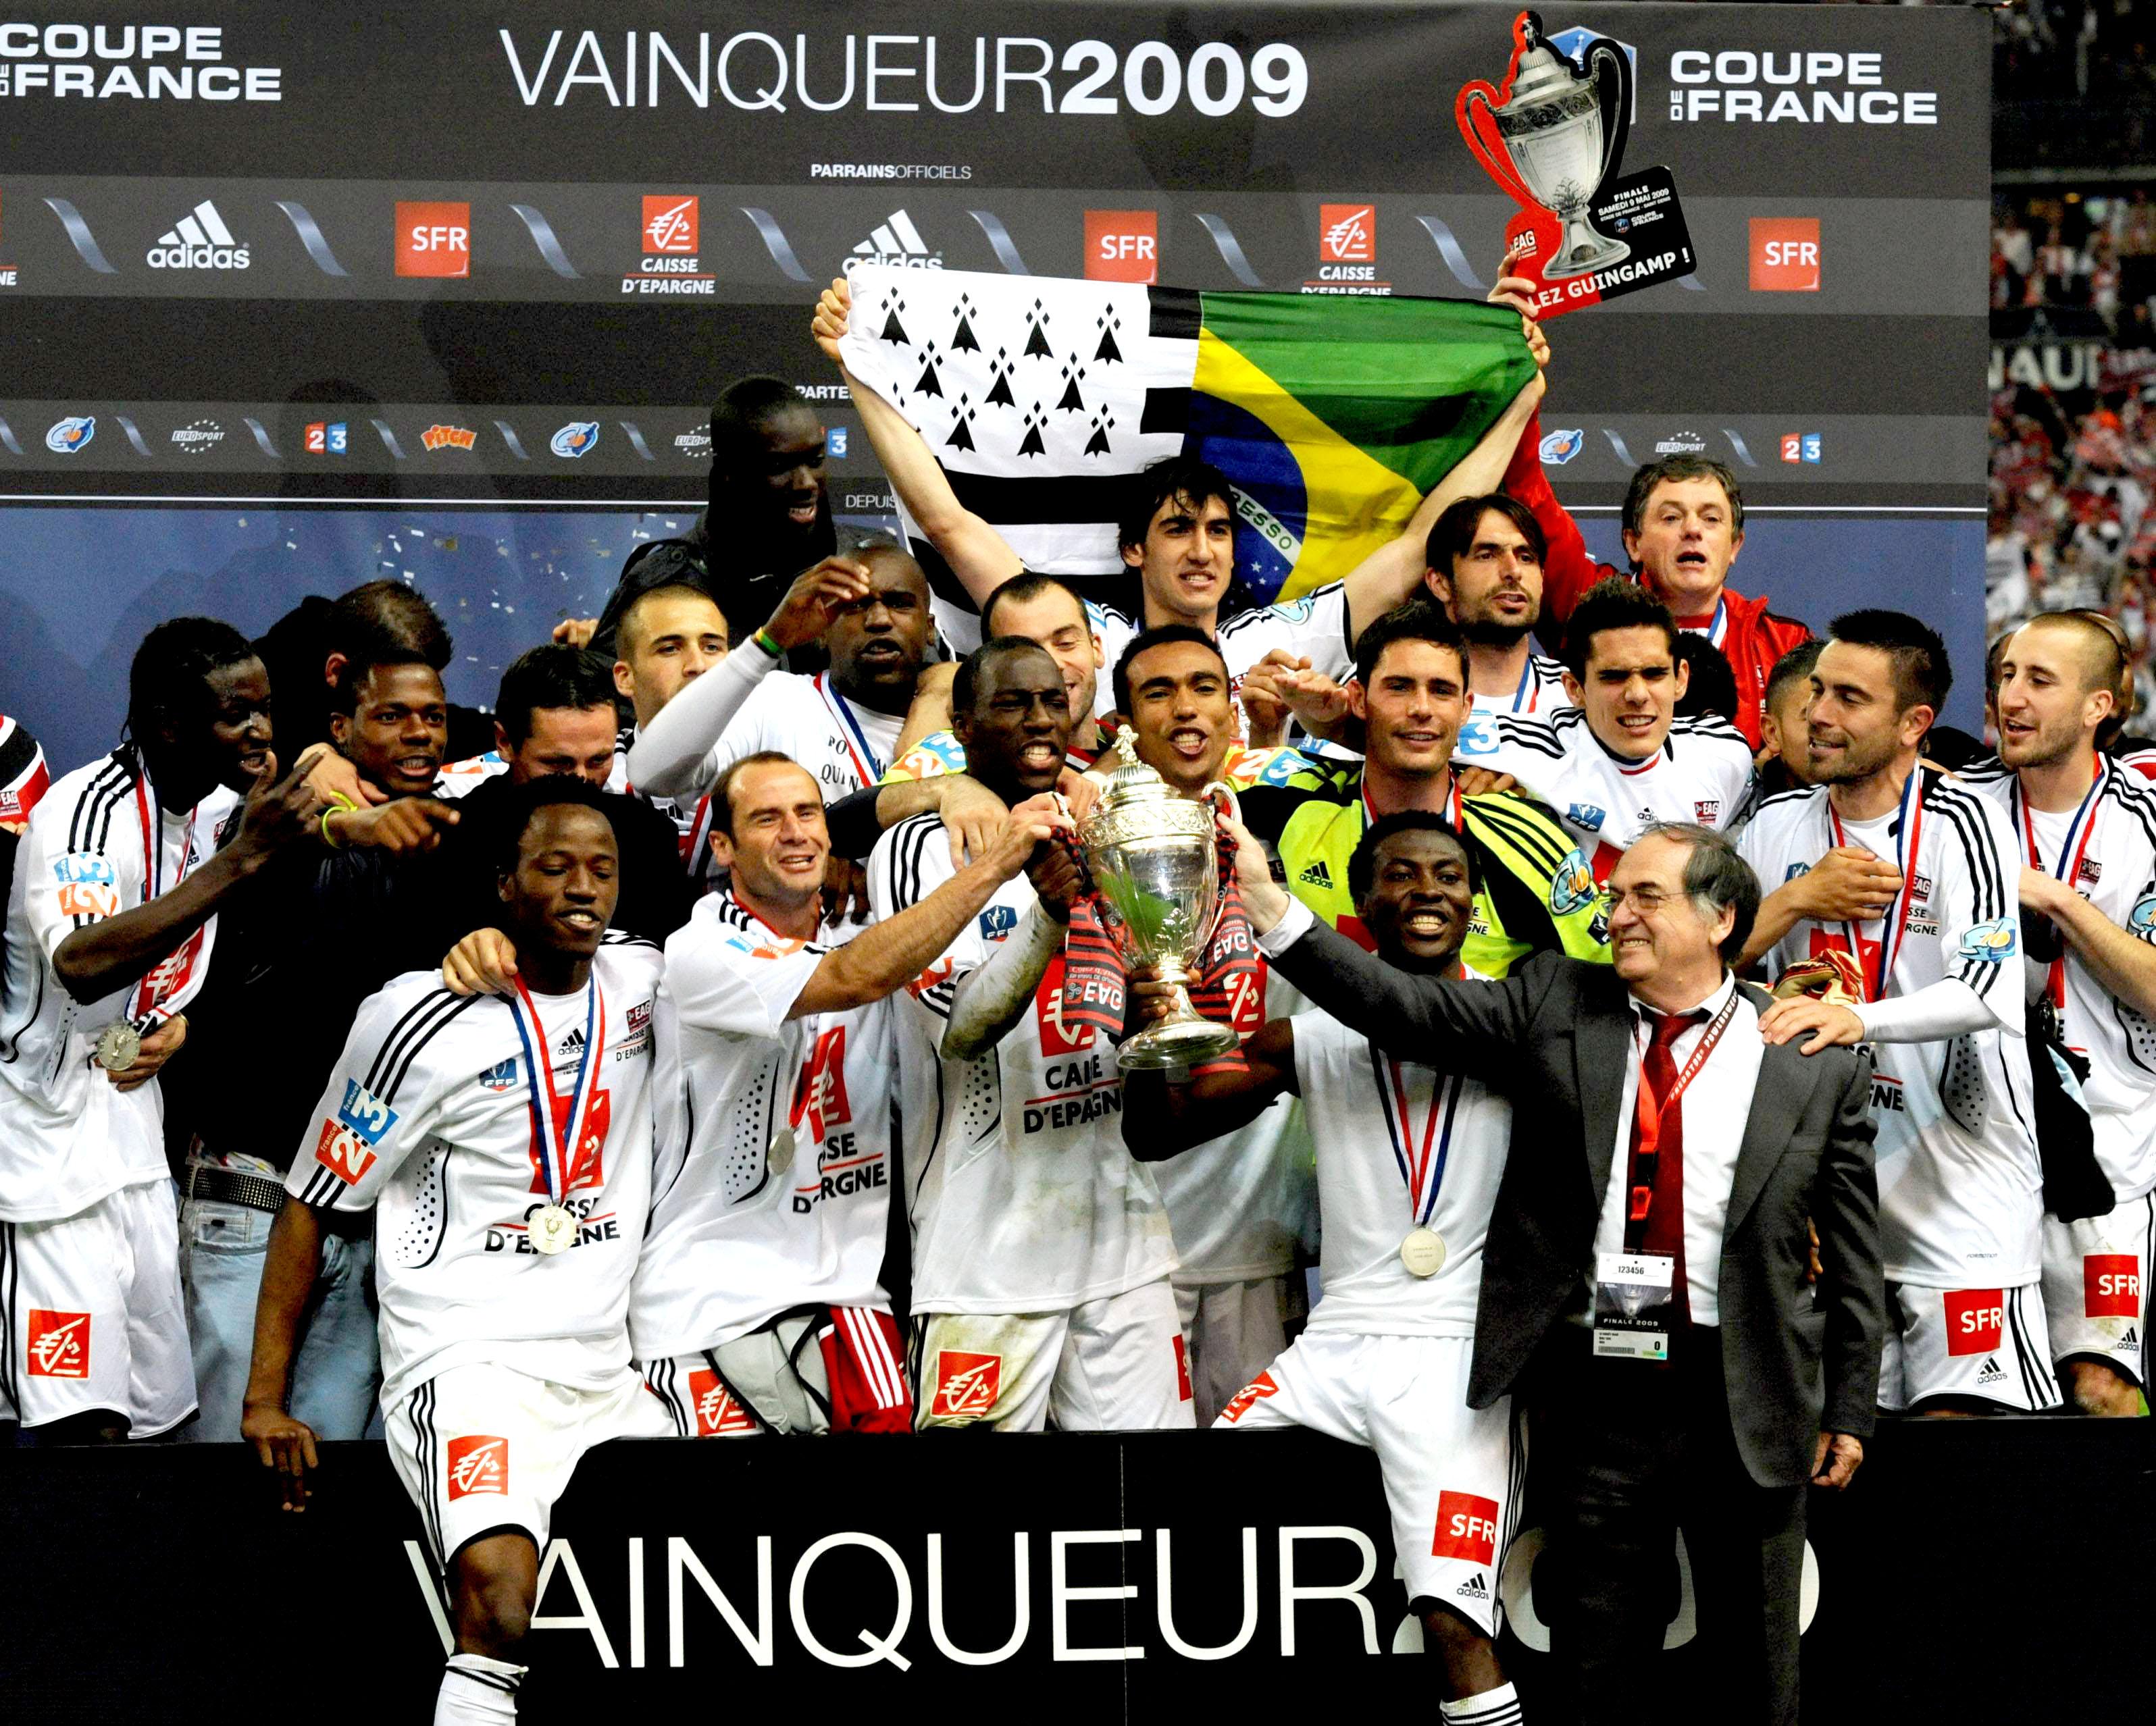 2009 vainqueur de la coupe de france en avant de guingamp - Guingamp coupe de france 2009 ...